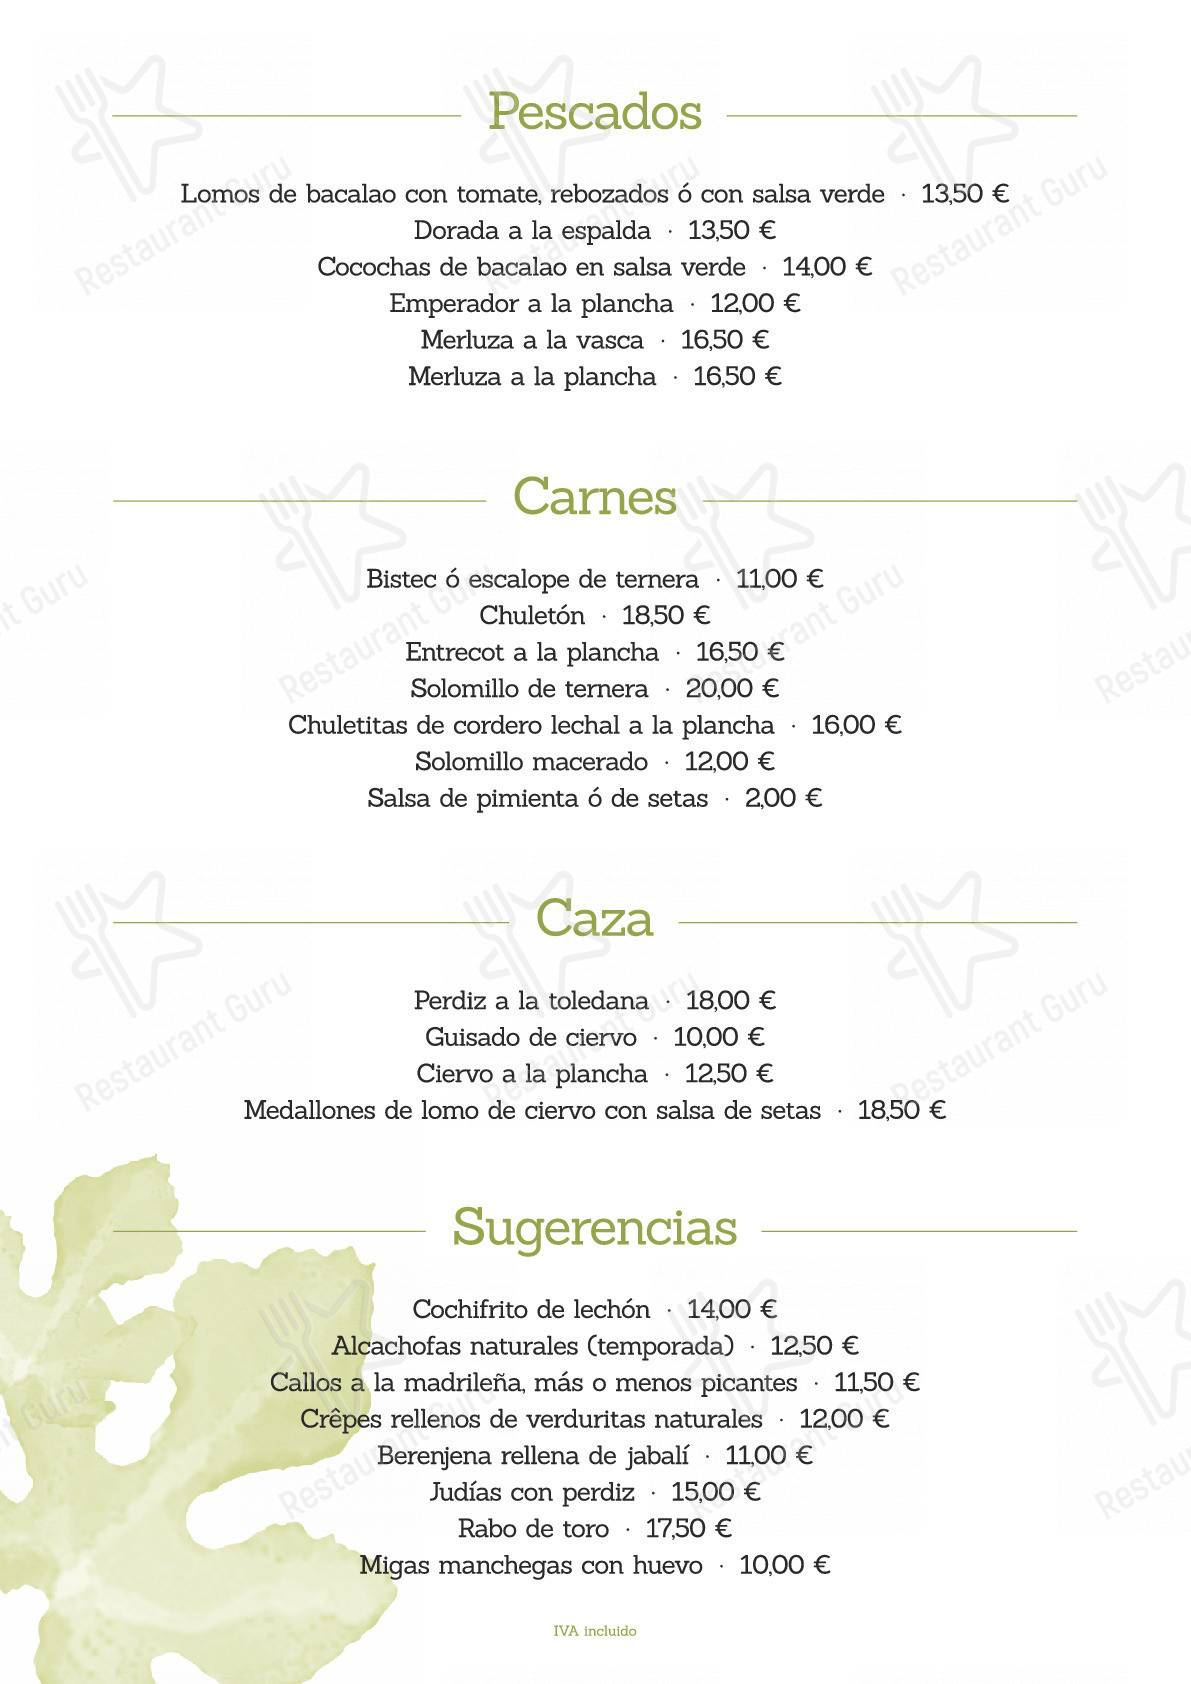 Check out the menu for La Higuera de José